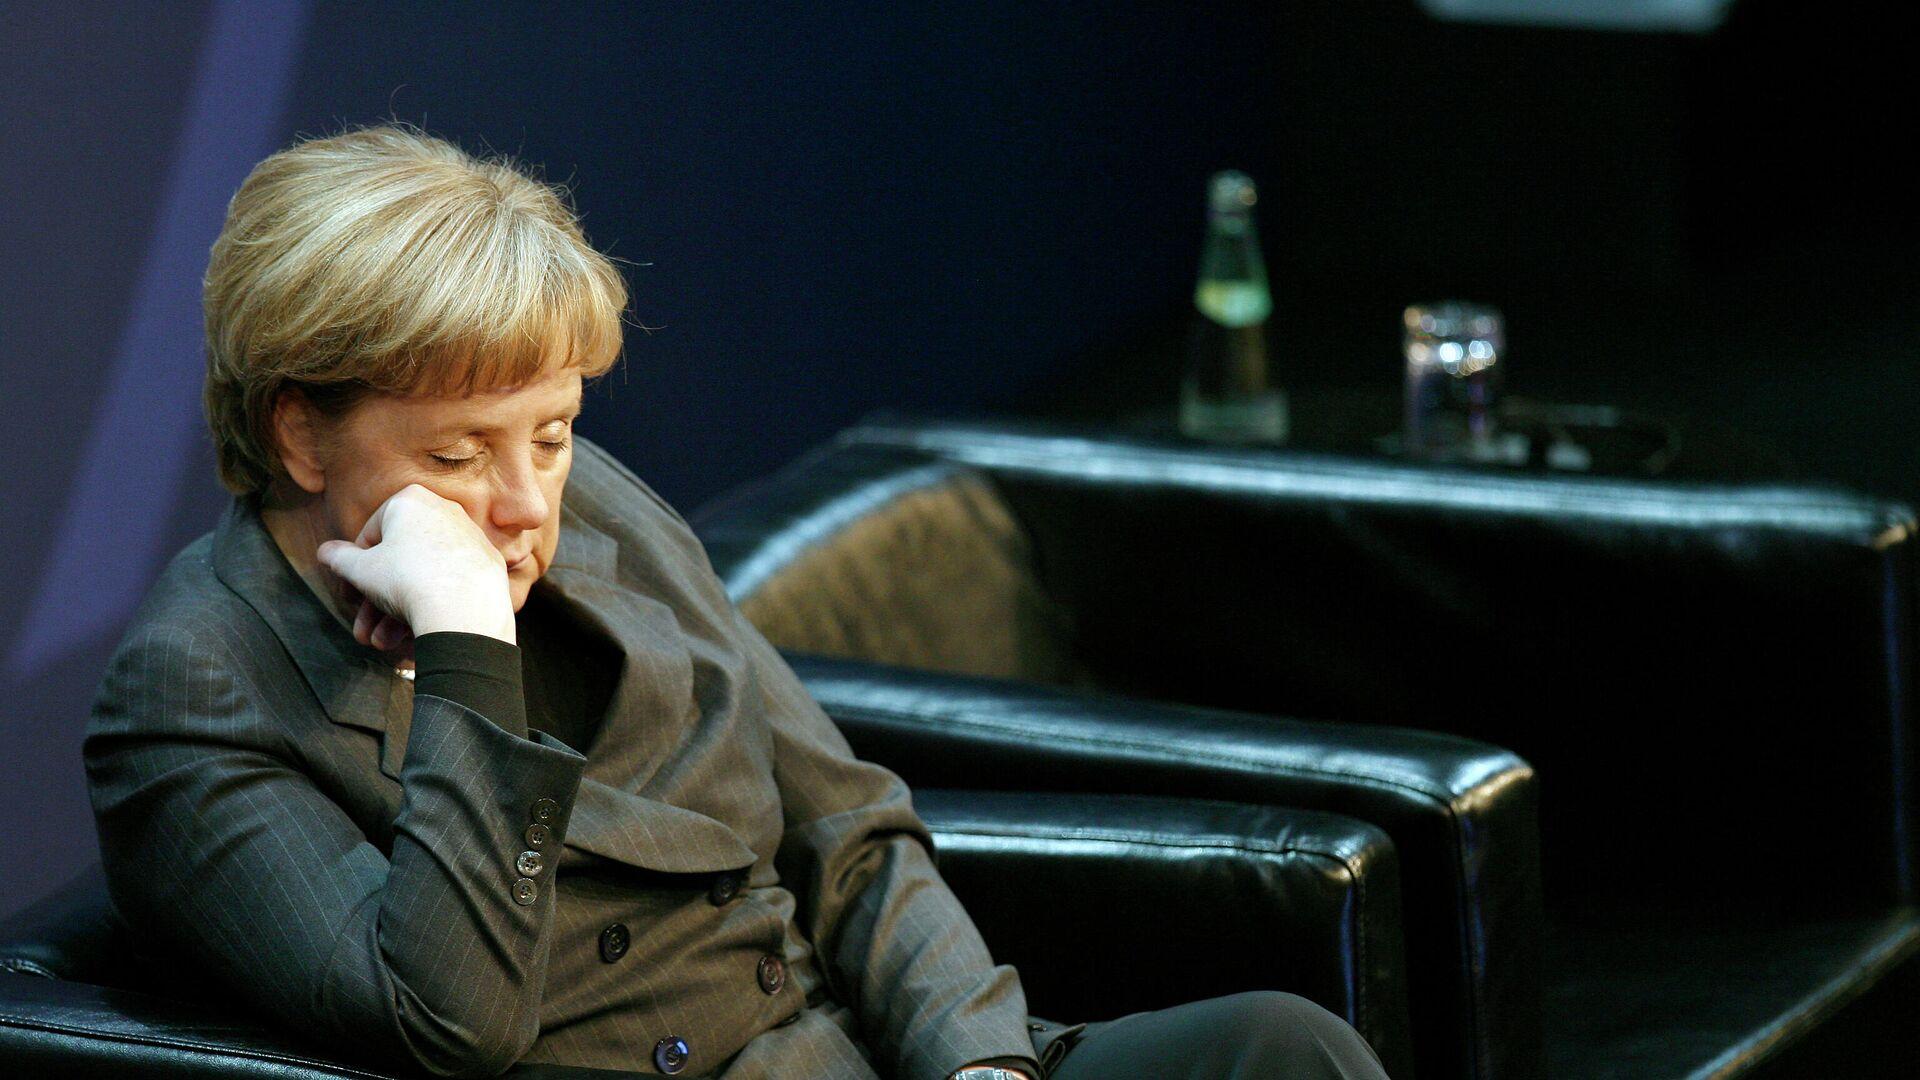 Bundeskanzlerin Angela Merkel bei einer Veranstalung der amerkanischen Softwarefirma Microsoft *2008( - SNA, 1920, 15.07.2021